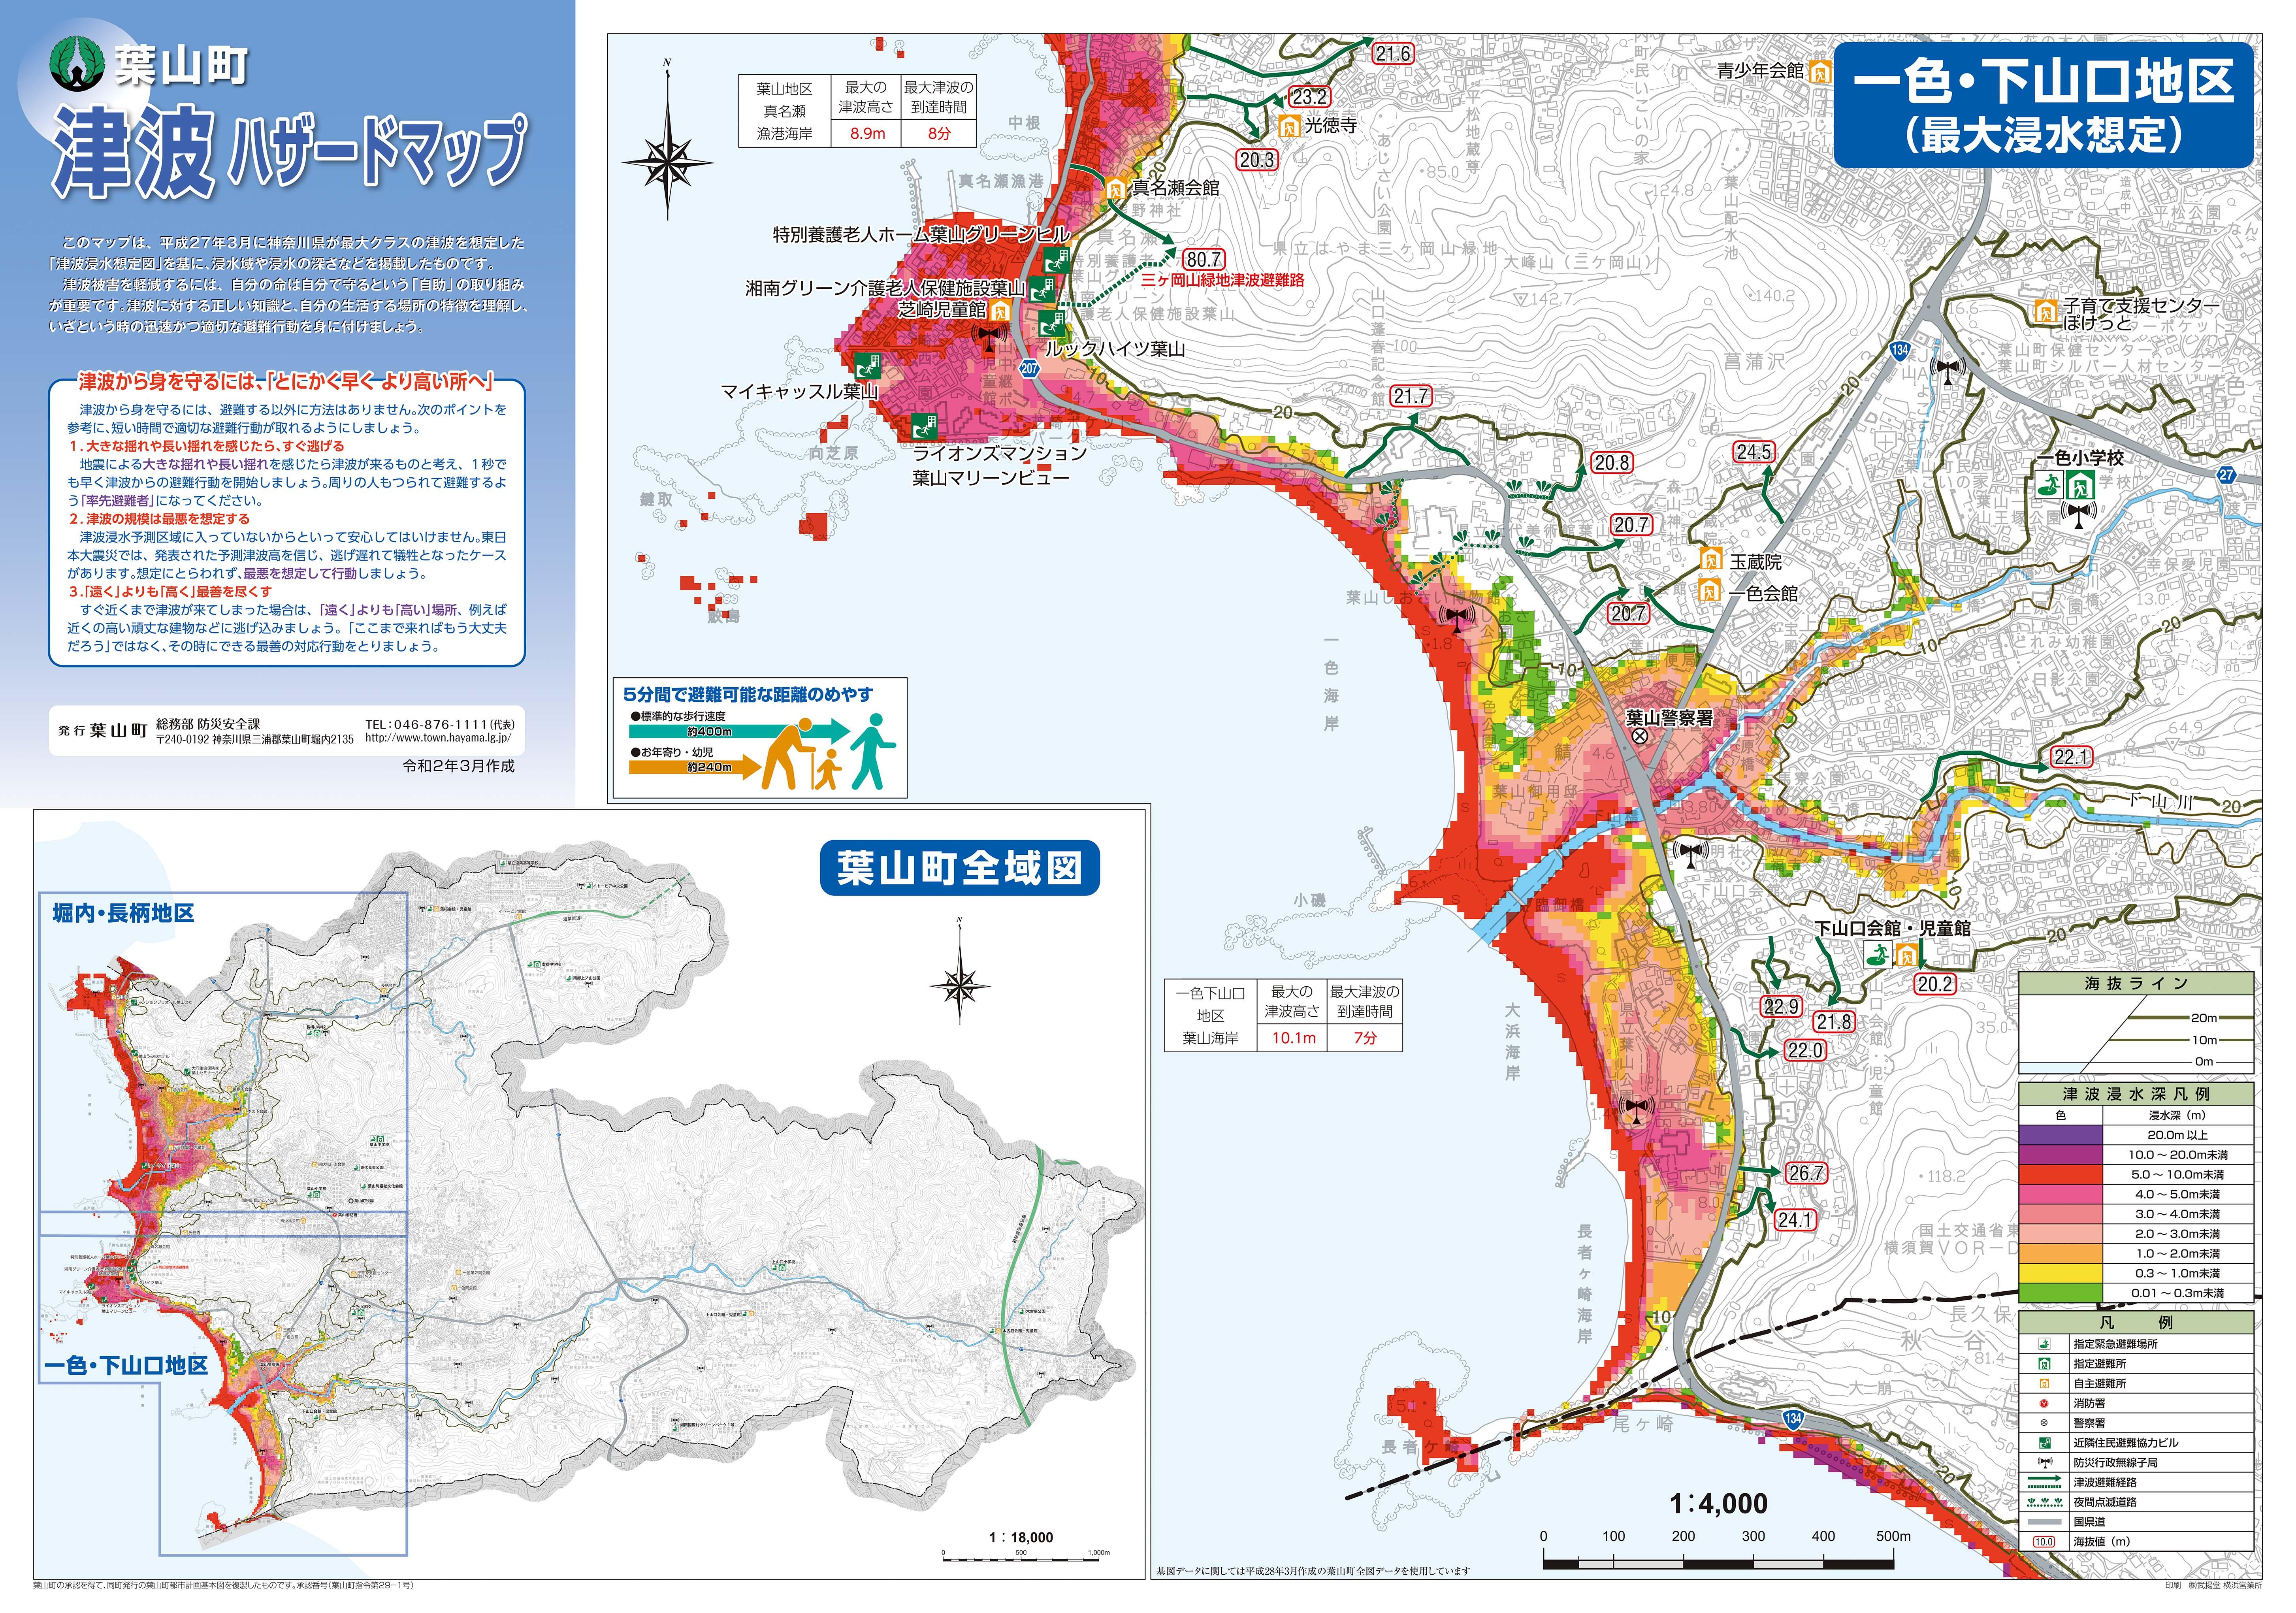 マップ 東京 津波 ハザード 江東区における津波の影響について 江東区